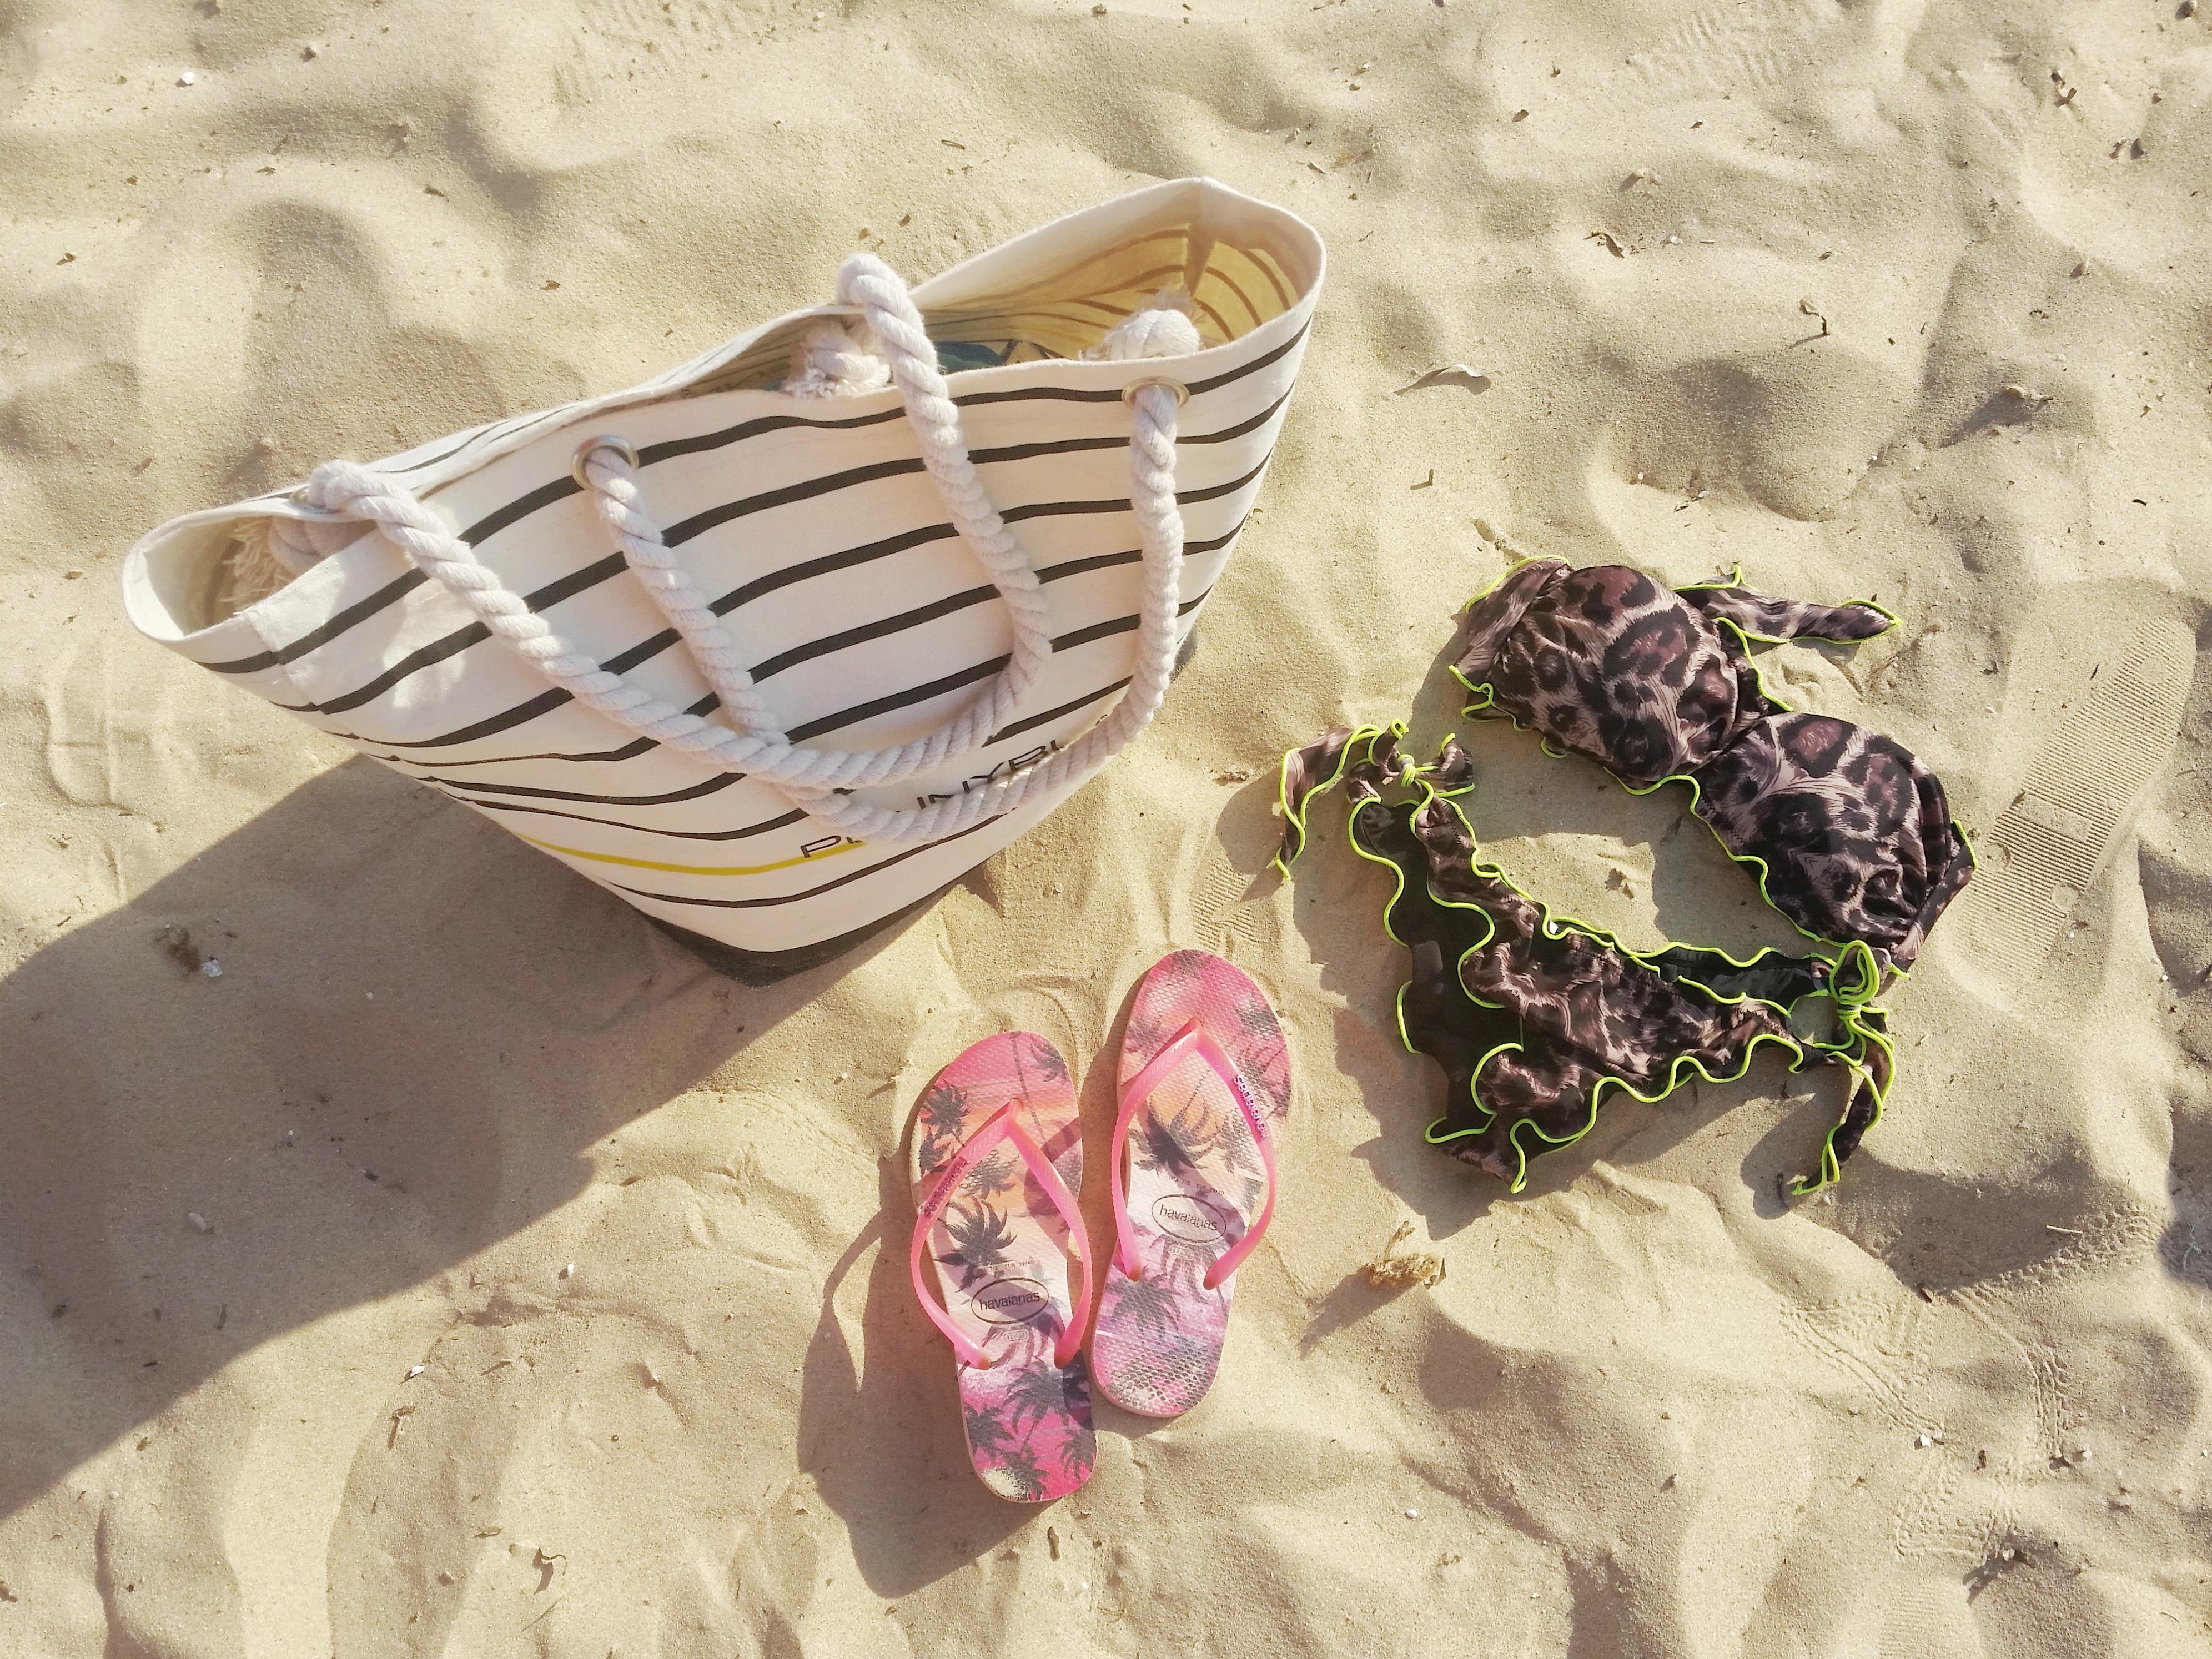 Organizzare la partenza per le vacanze: facile e senza stress